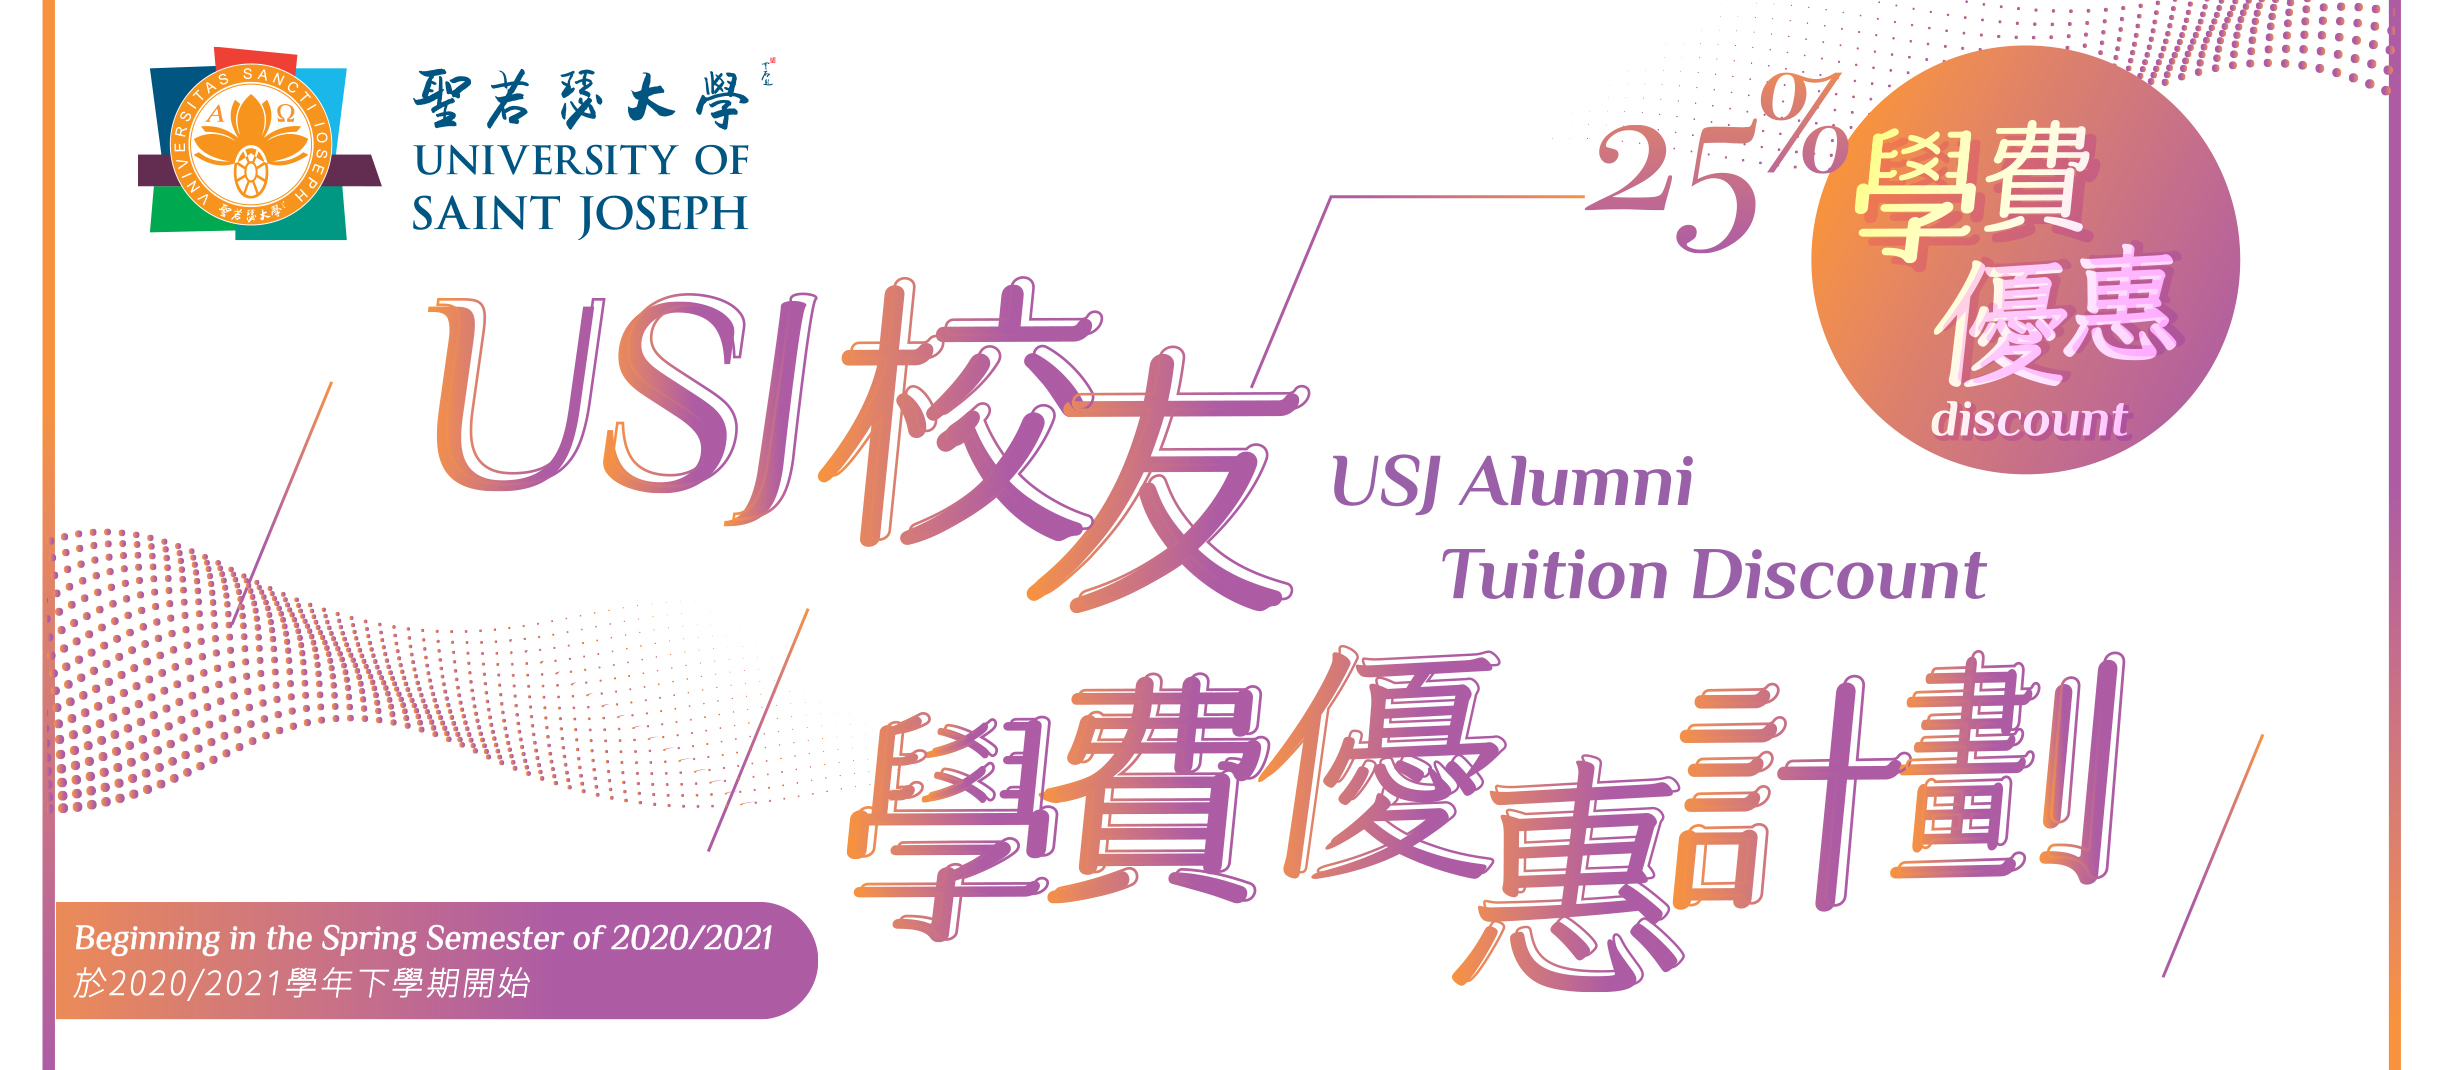 USJ-Alumni-Discount